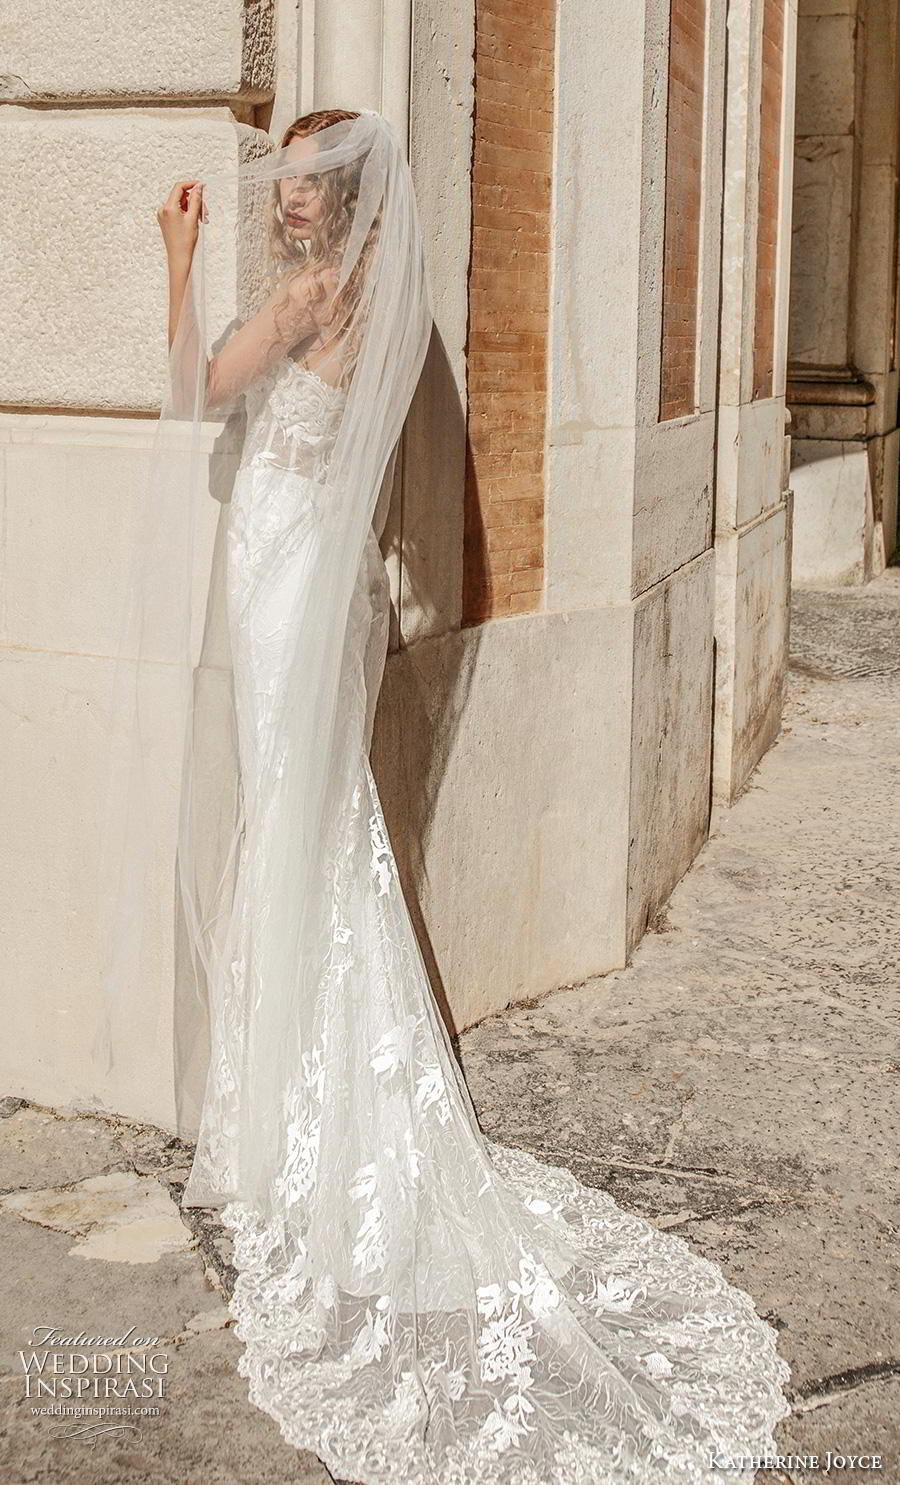 katherine joyce 2019 bridal strapless sweetheart neckline heavily embellished bodice elegant fit and flare sheath wedding dress medium train (14) bv